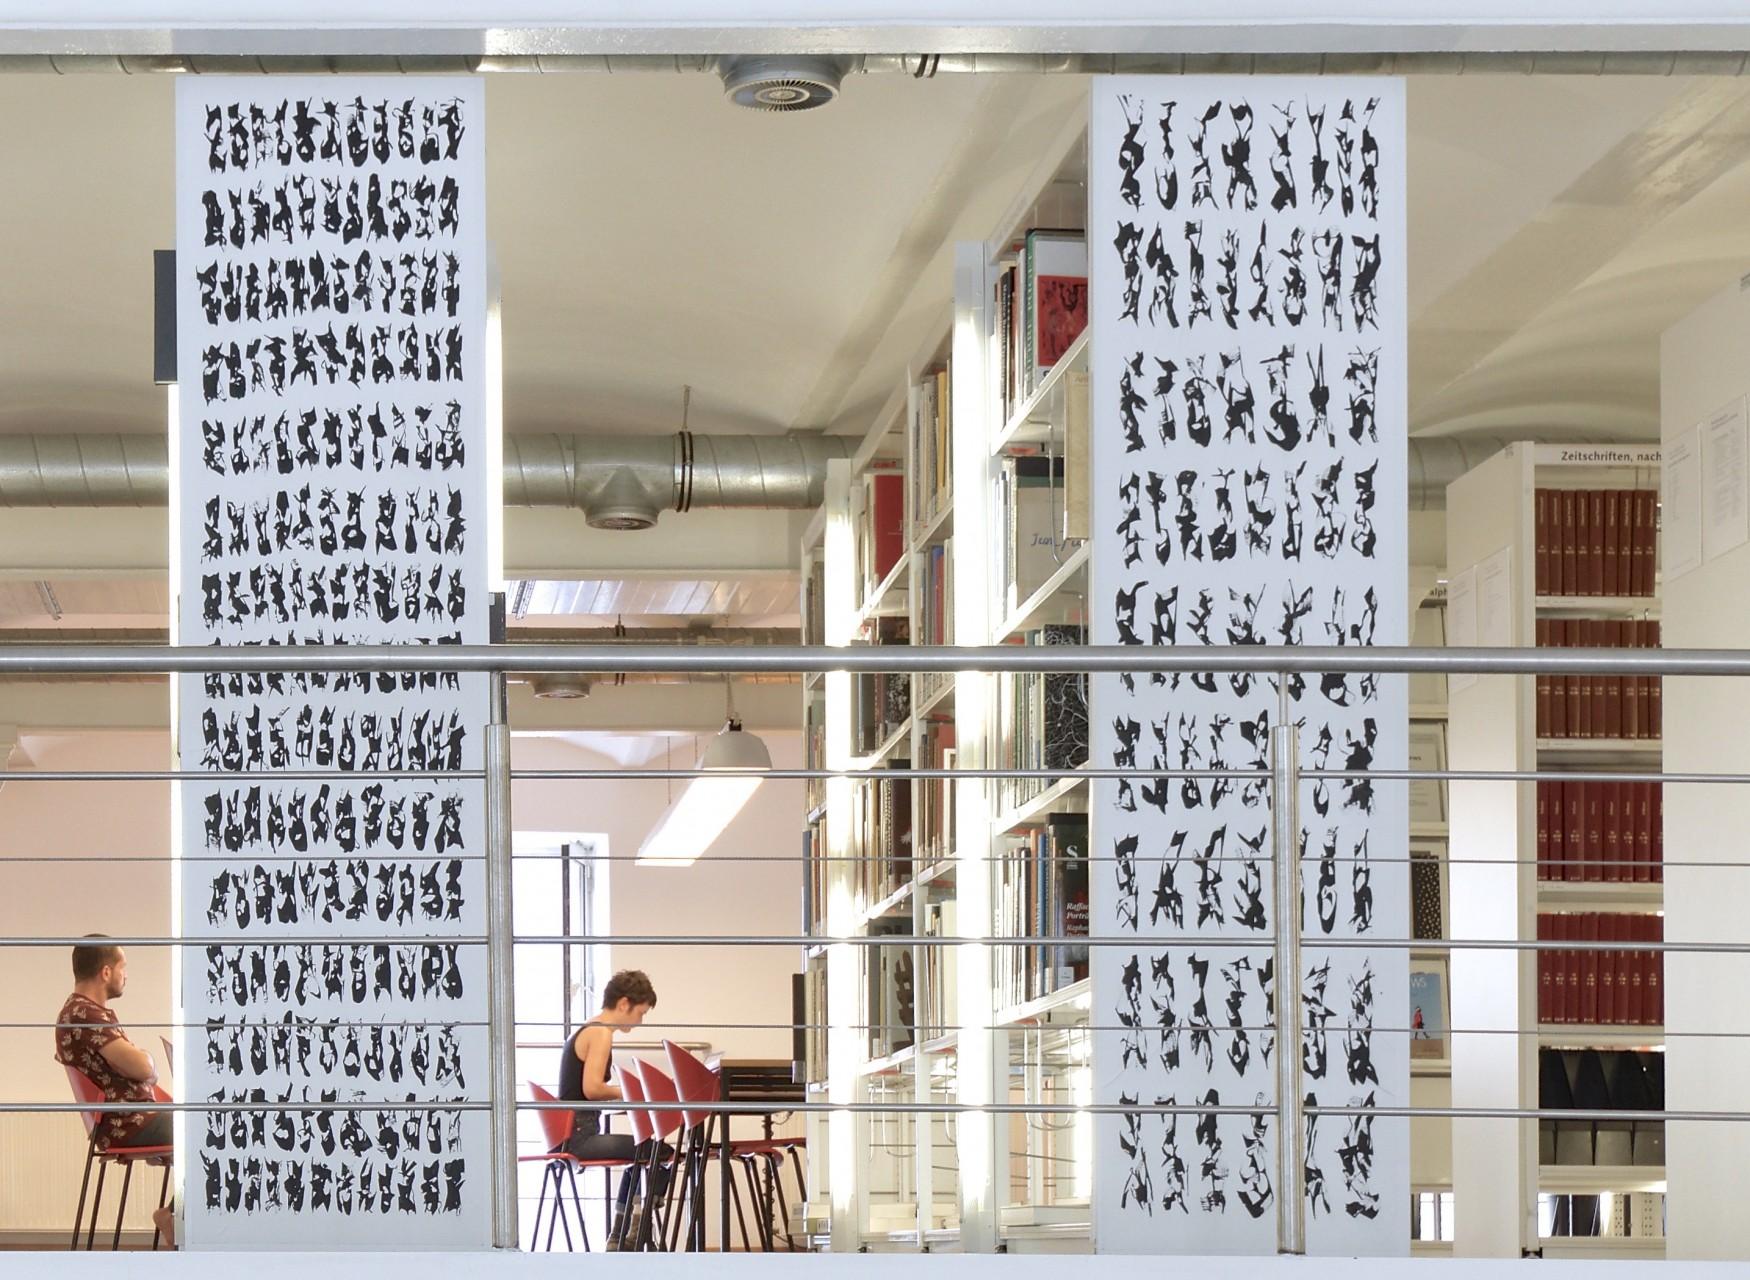 Bibliothek der unlesbaren Zeichen, Acryl auf Leinwand, je 50 x 200 cm, 2017